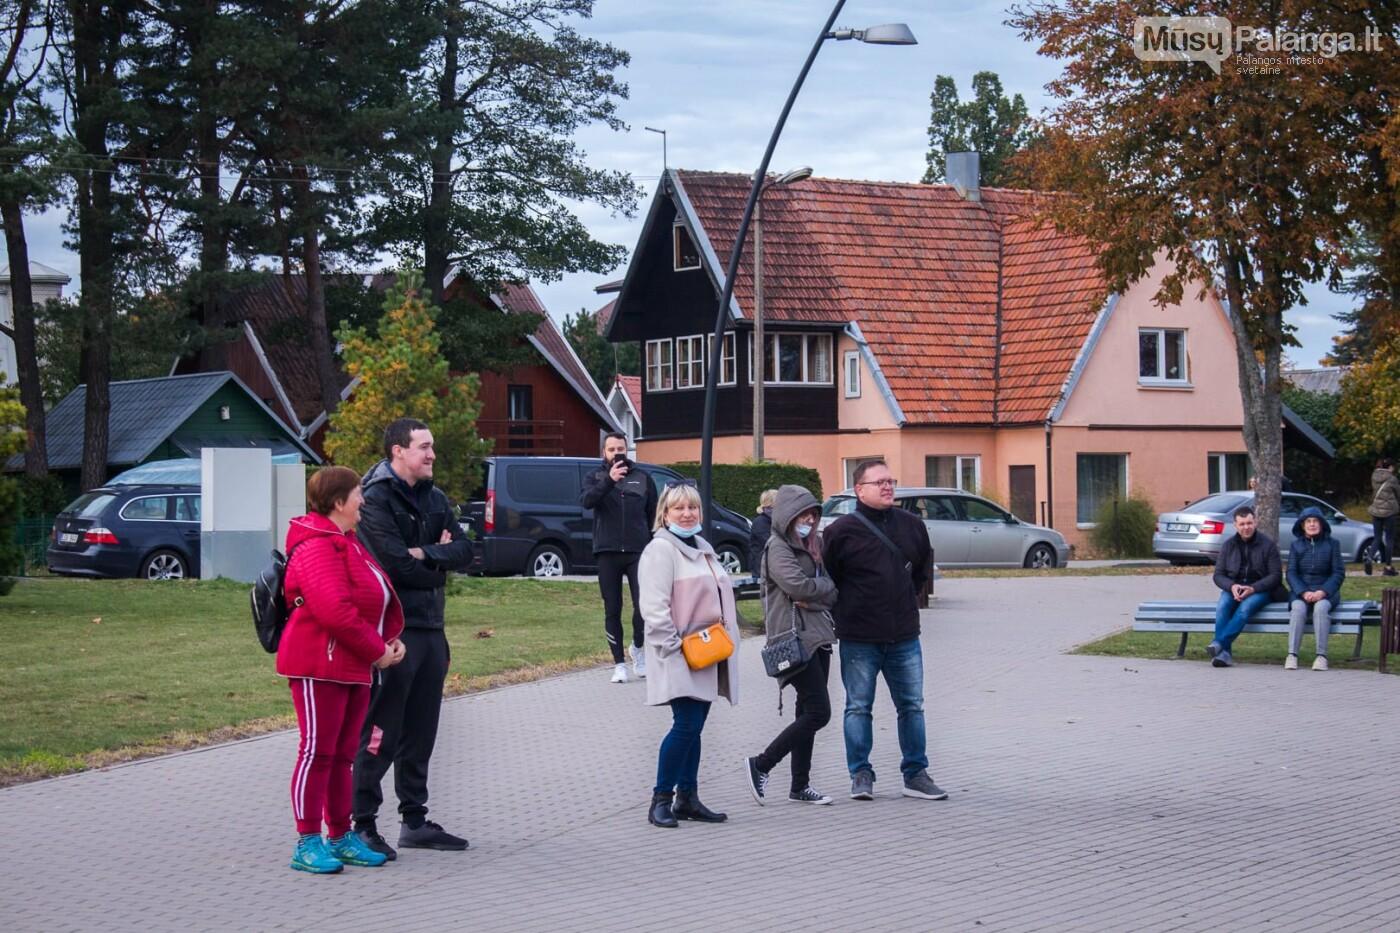 Pirmosios 2021/2022m. sezono namų rungtynės. Palangos Kuršiai - Vilkaviškio Perlas., Mato Miltakio nuotr.